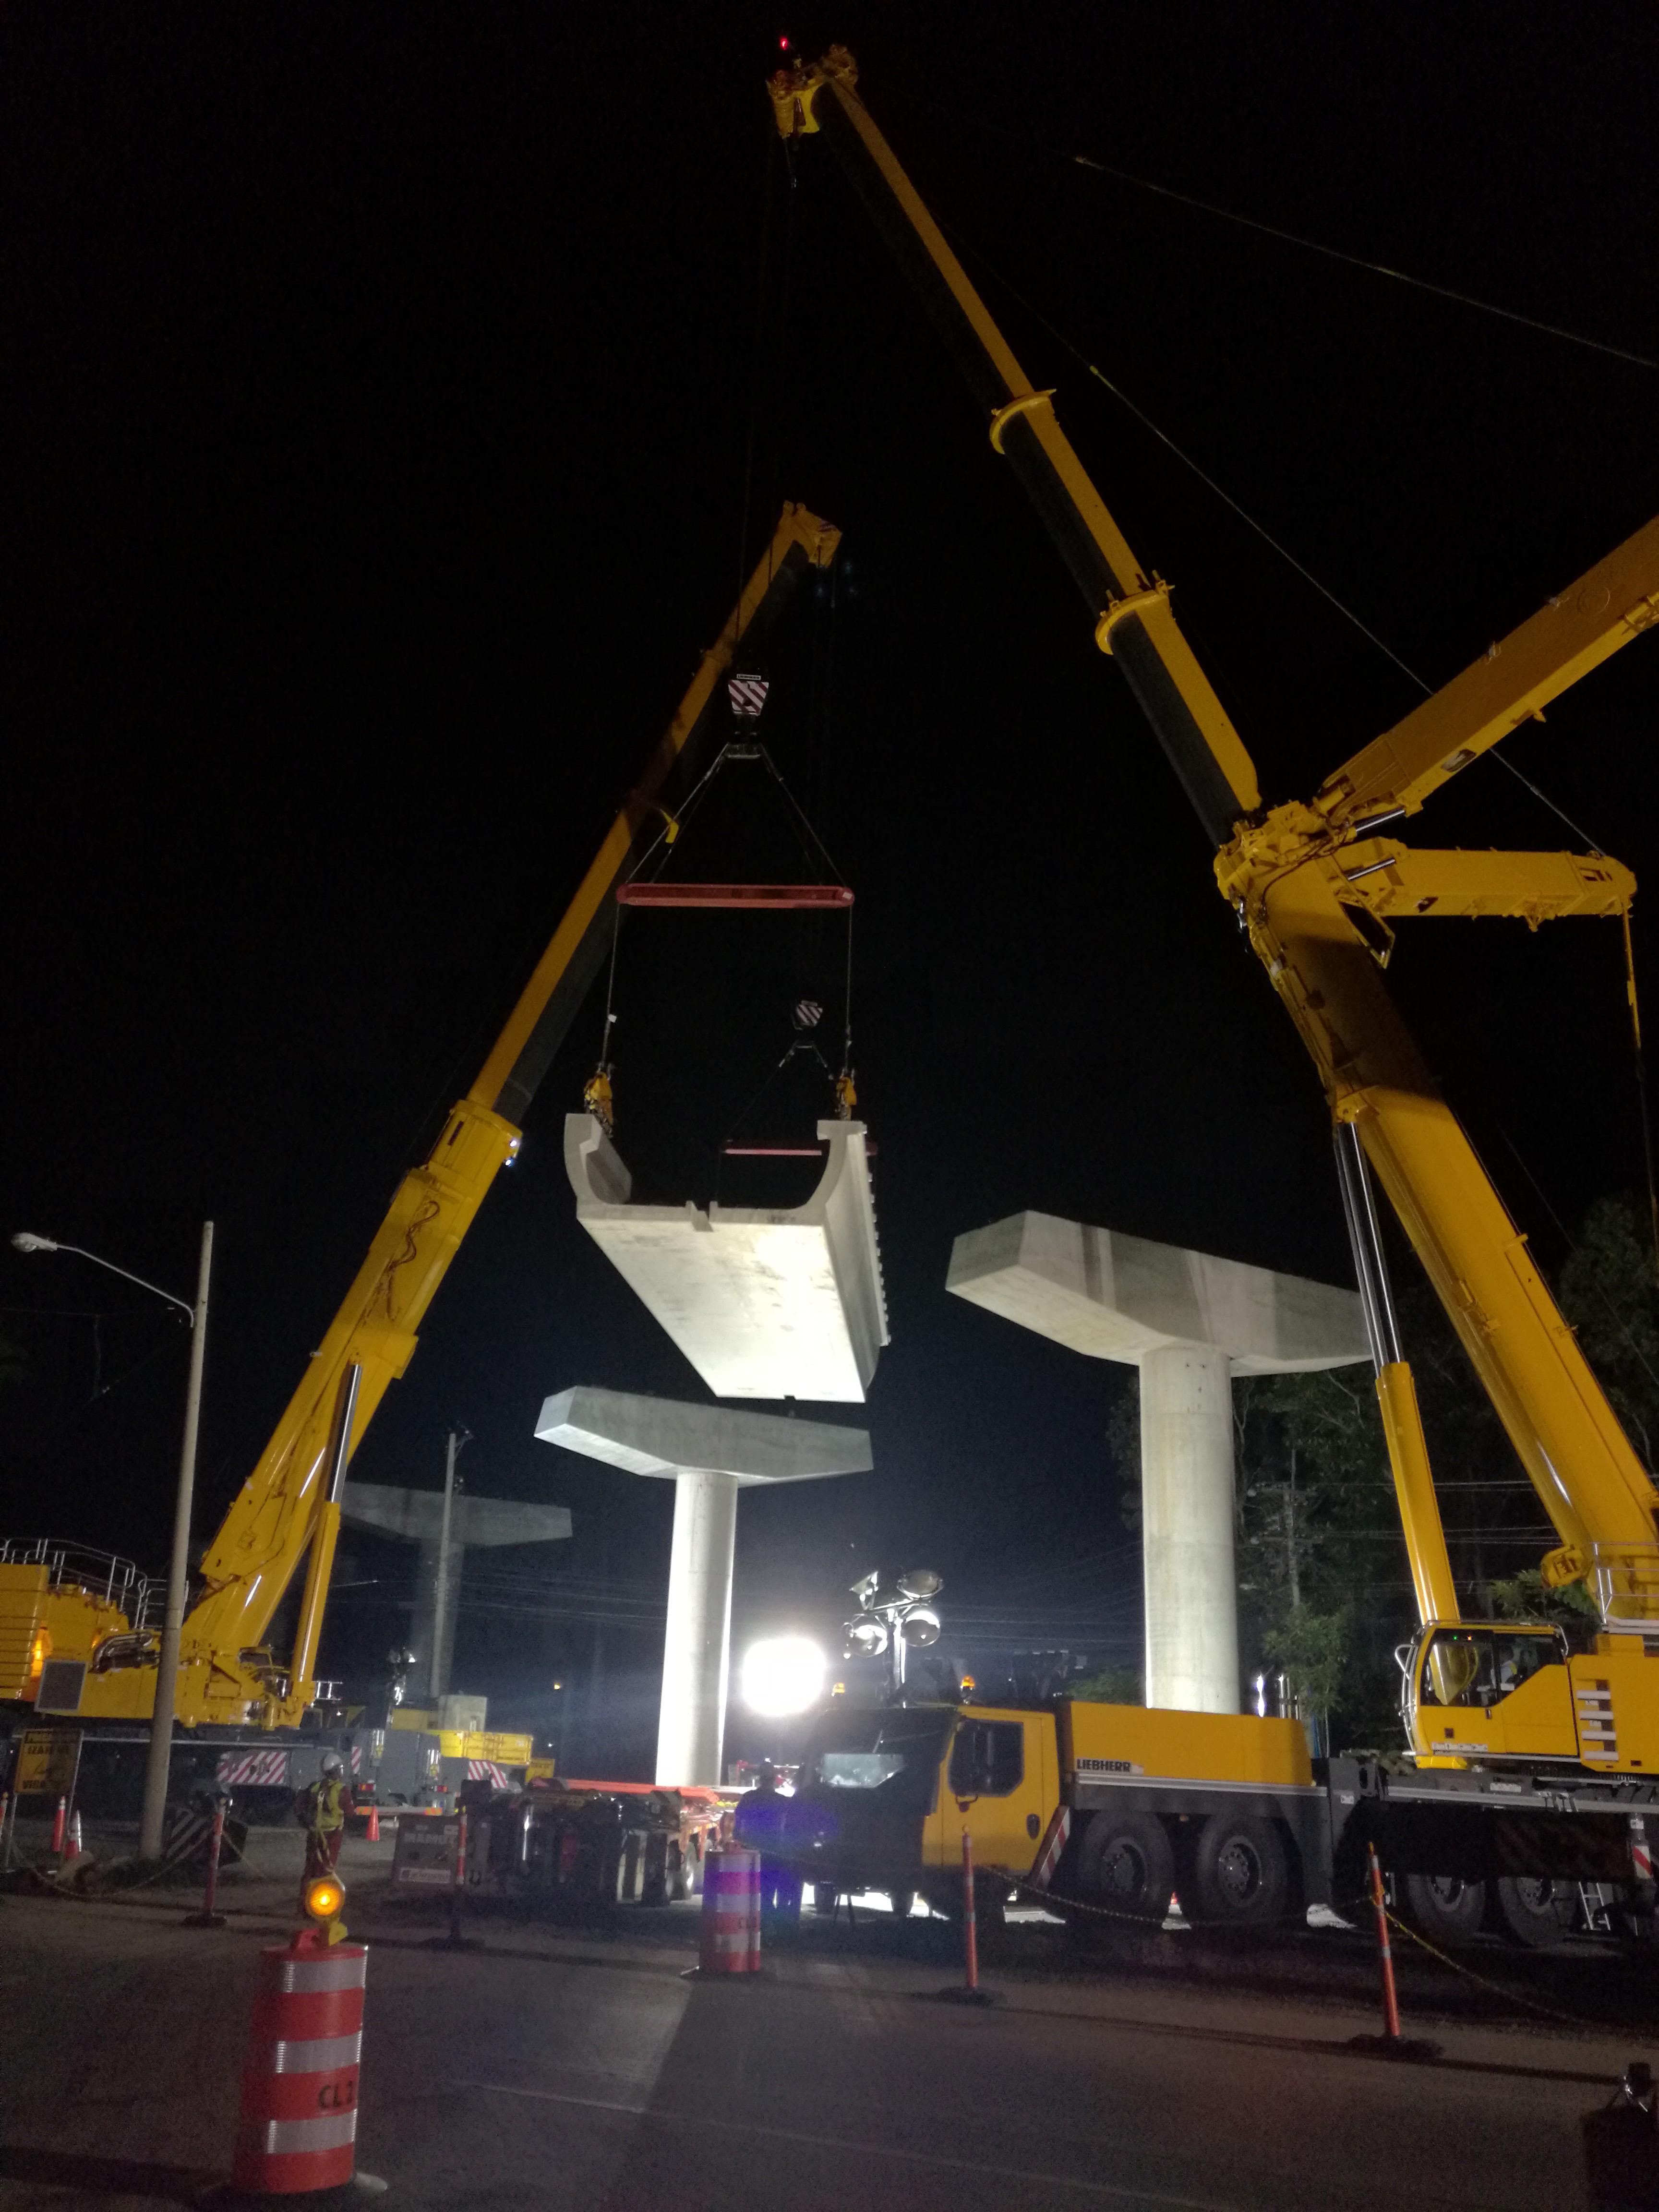 Hoisting a U-shaped beam onto the supports.